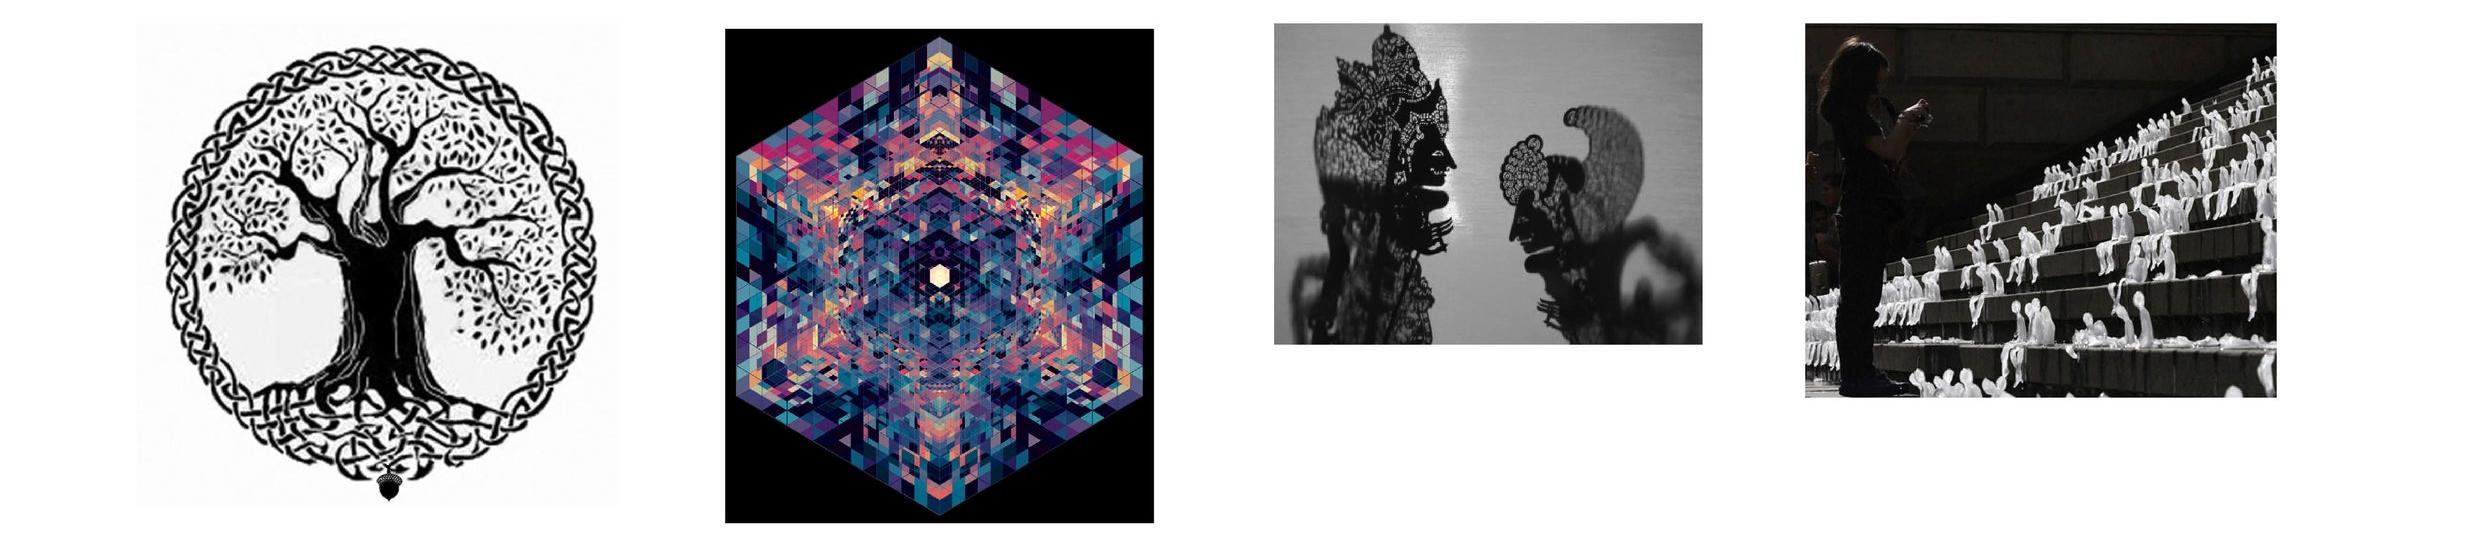 Collaboration Themes: 1. Tree of Life (Liu Xin and Jiao Yue) 2. Kaleidoscopic cocoon (Jun Jie and Jing Shu)3. Kulit Wayang (Meng Shi and Jin Fan) 4. Ephemeral graffiti (Zhang Zhe, Zhang Yi and Ziru)